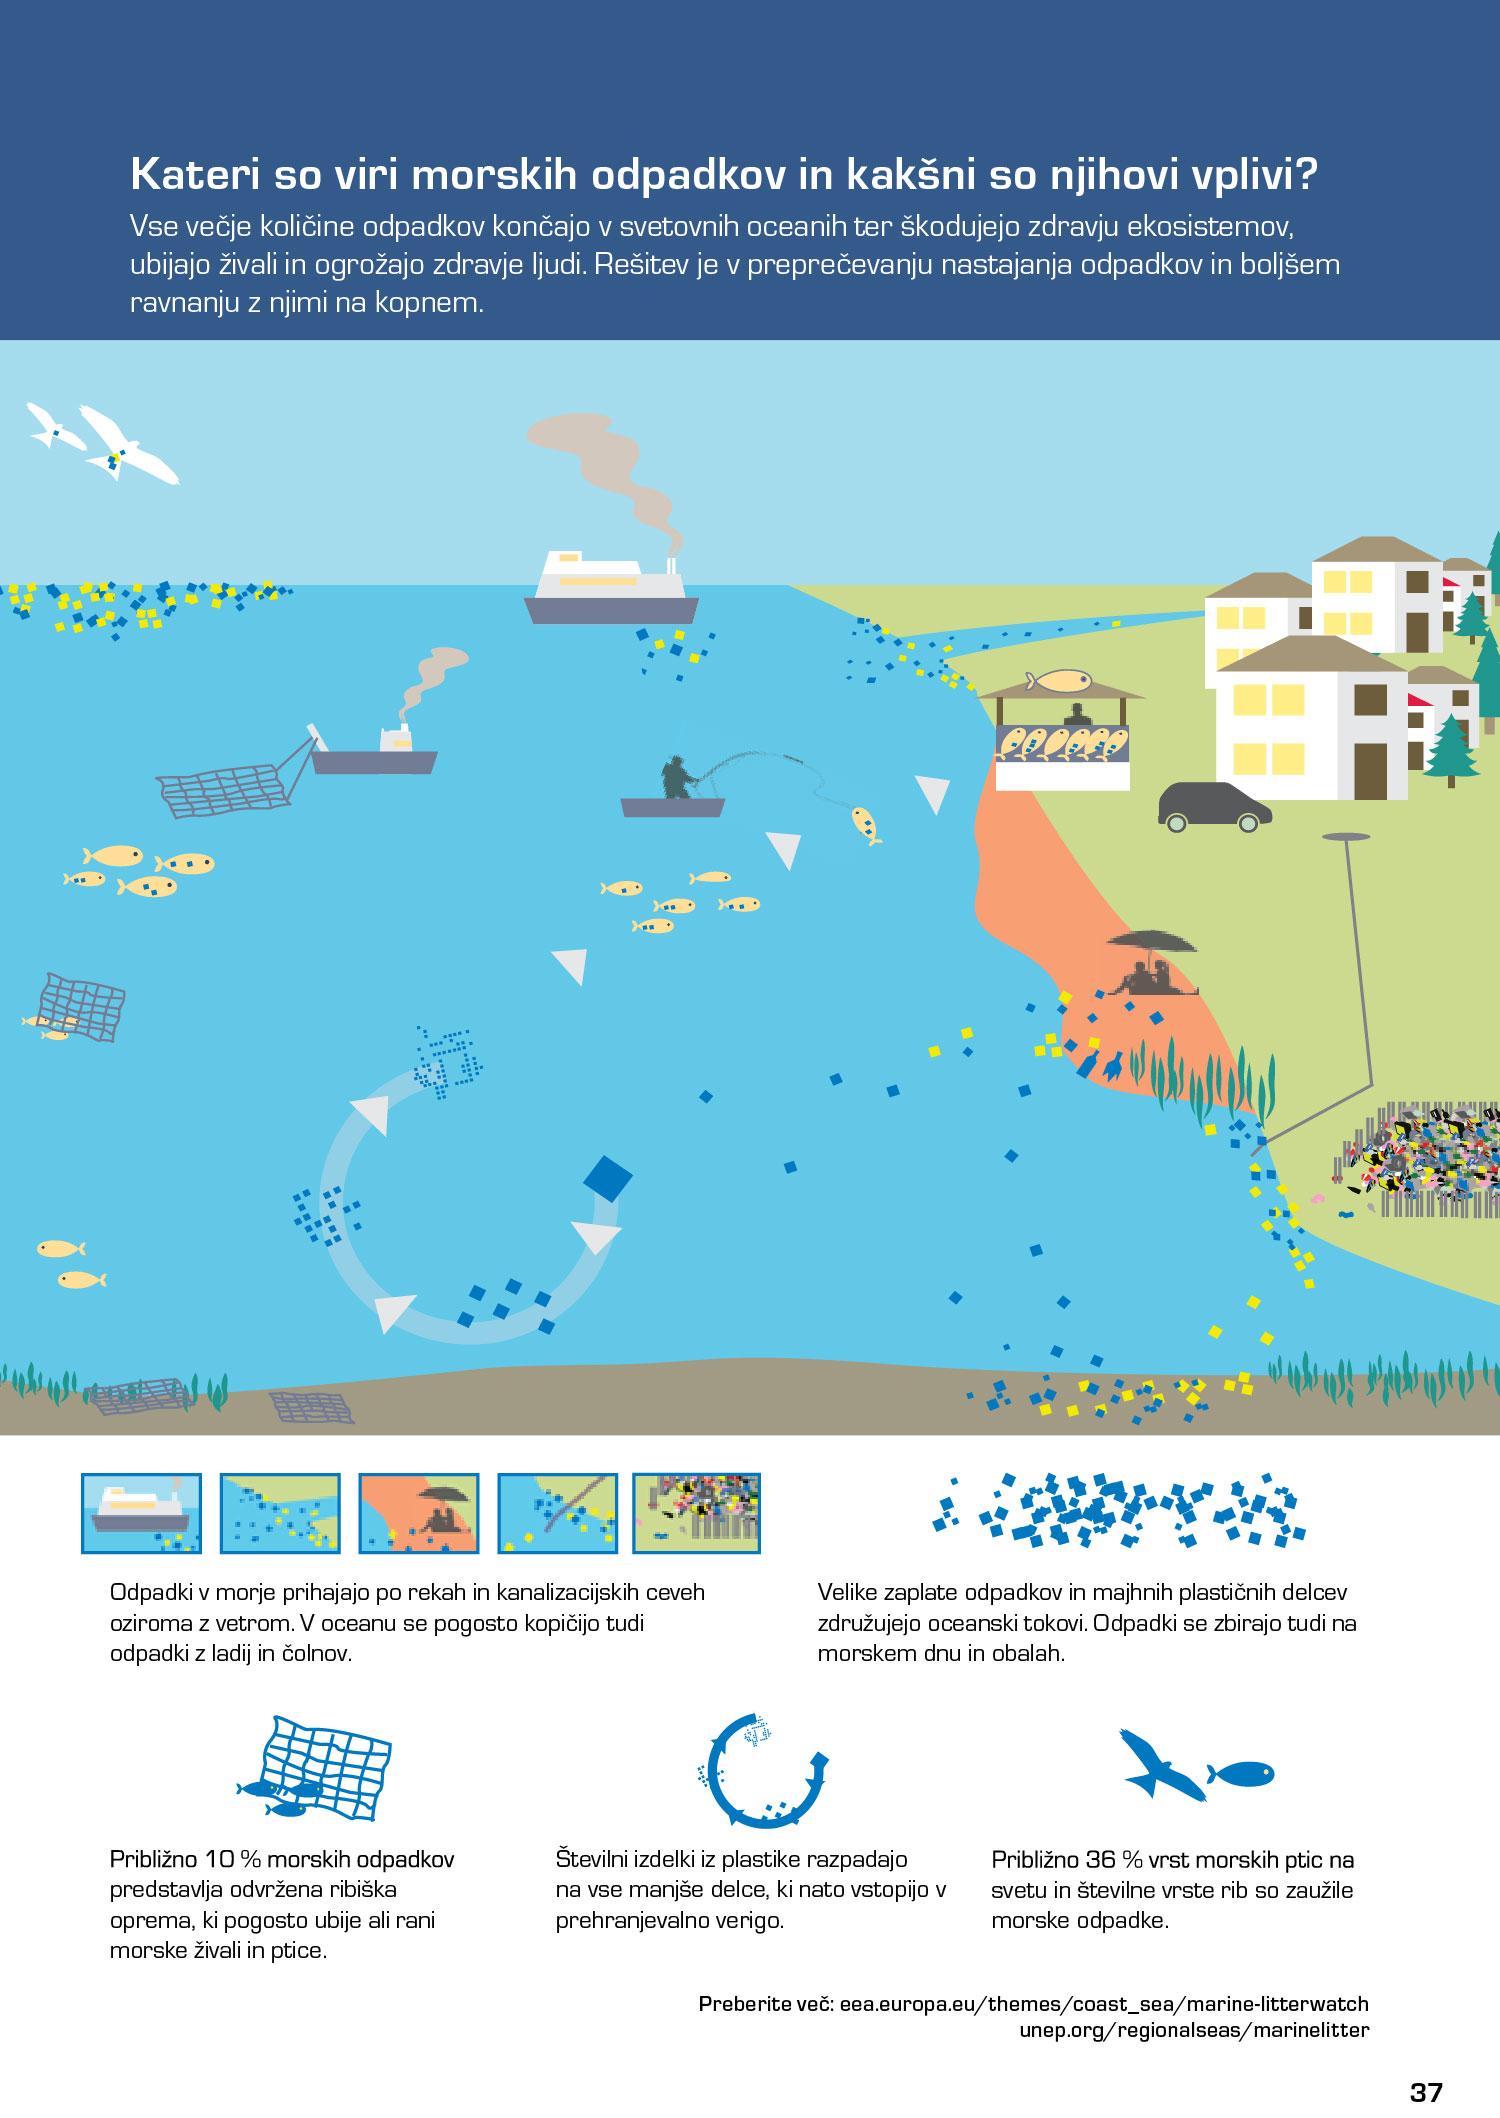 Kateri so viri morskih odpadkov in kakšni so njihovi vplivi?